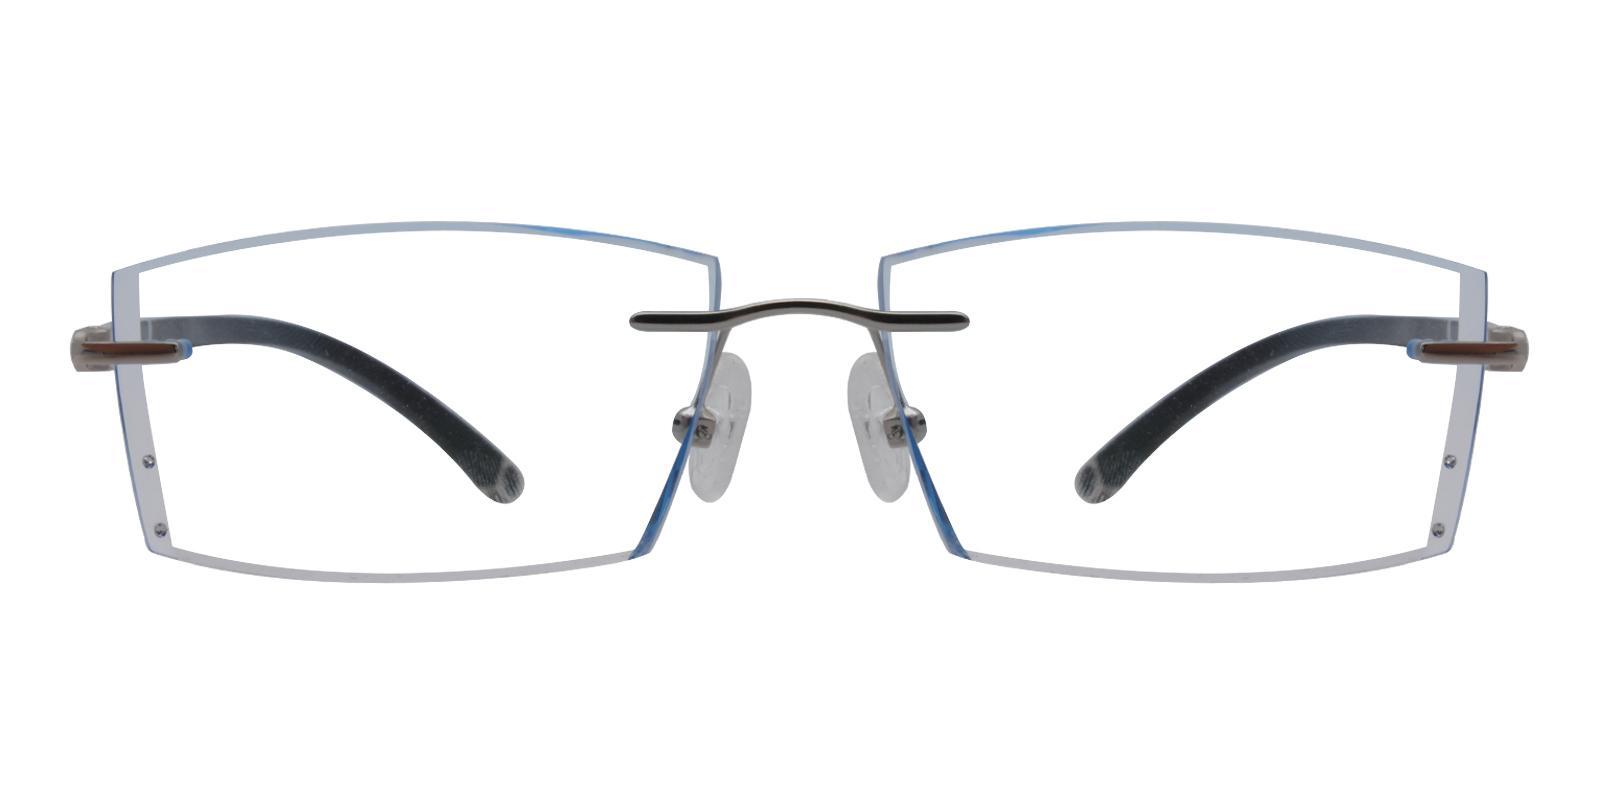 John Blue Titanium Eyeglasses , NosePads Frames from ABBE Glasses